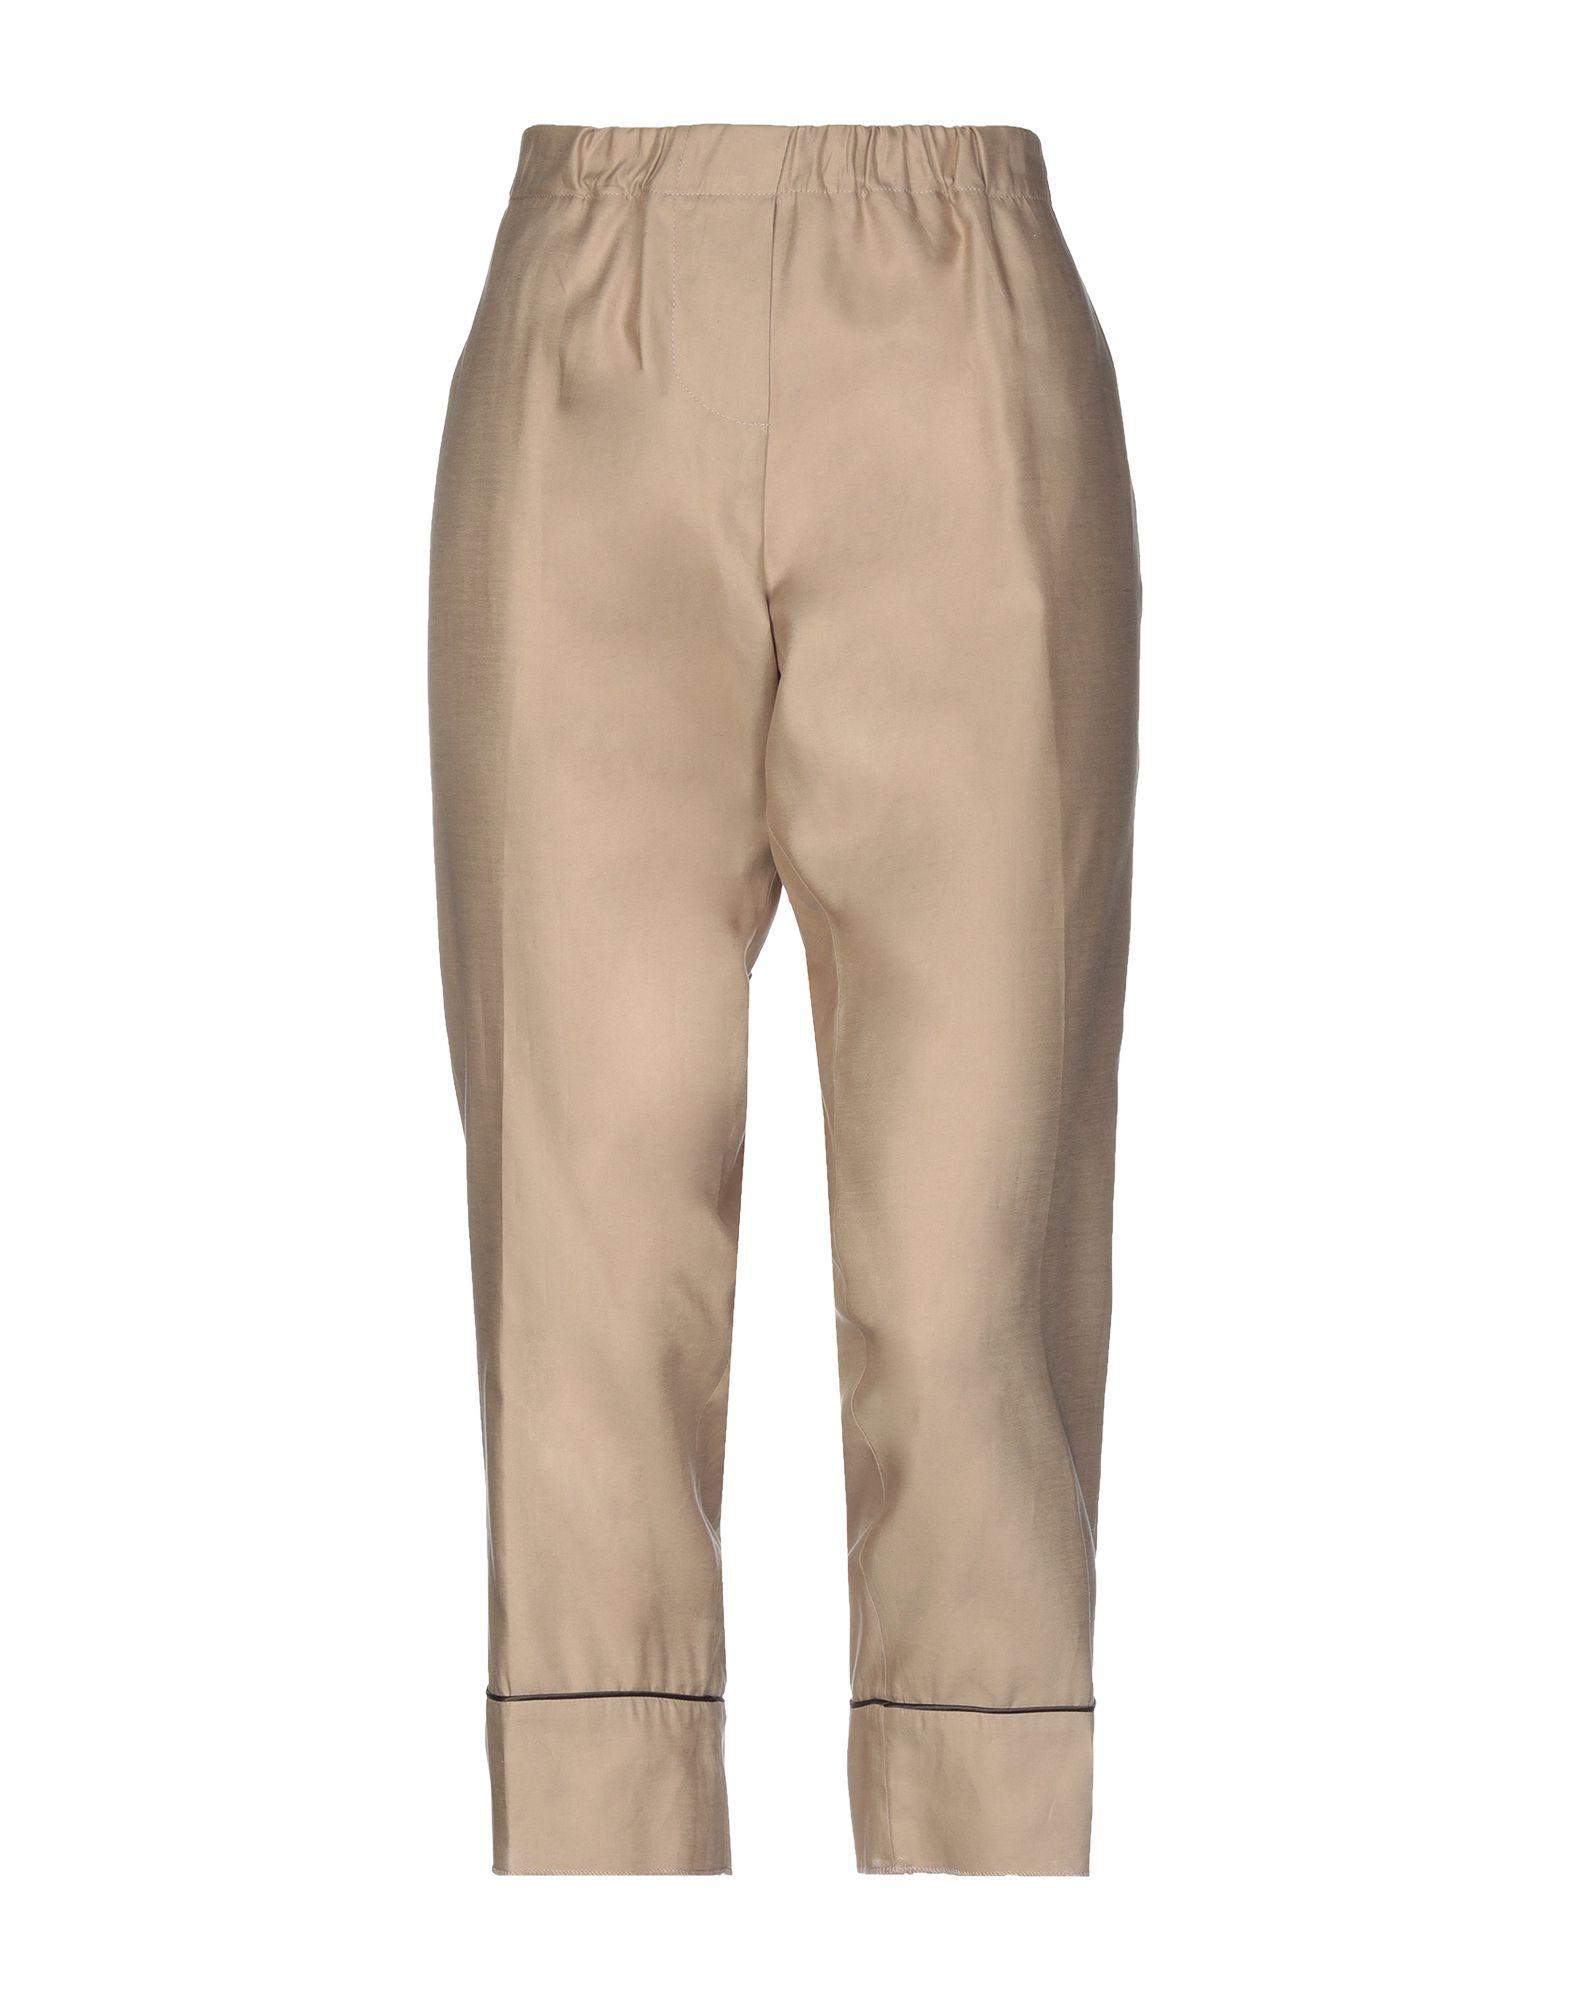 DANIELA PANCHERI Повседневные брюки трусики стринги женские с доступом белые m l